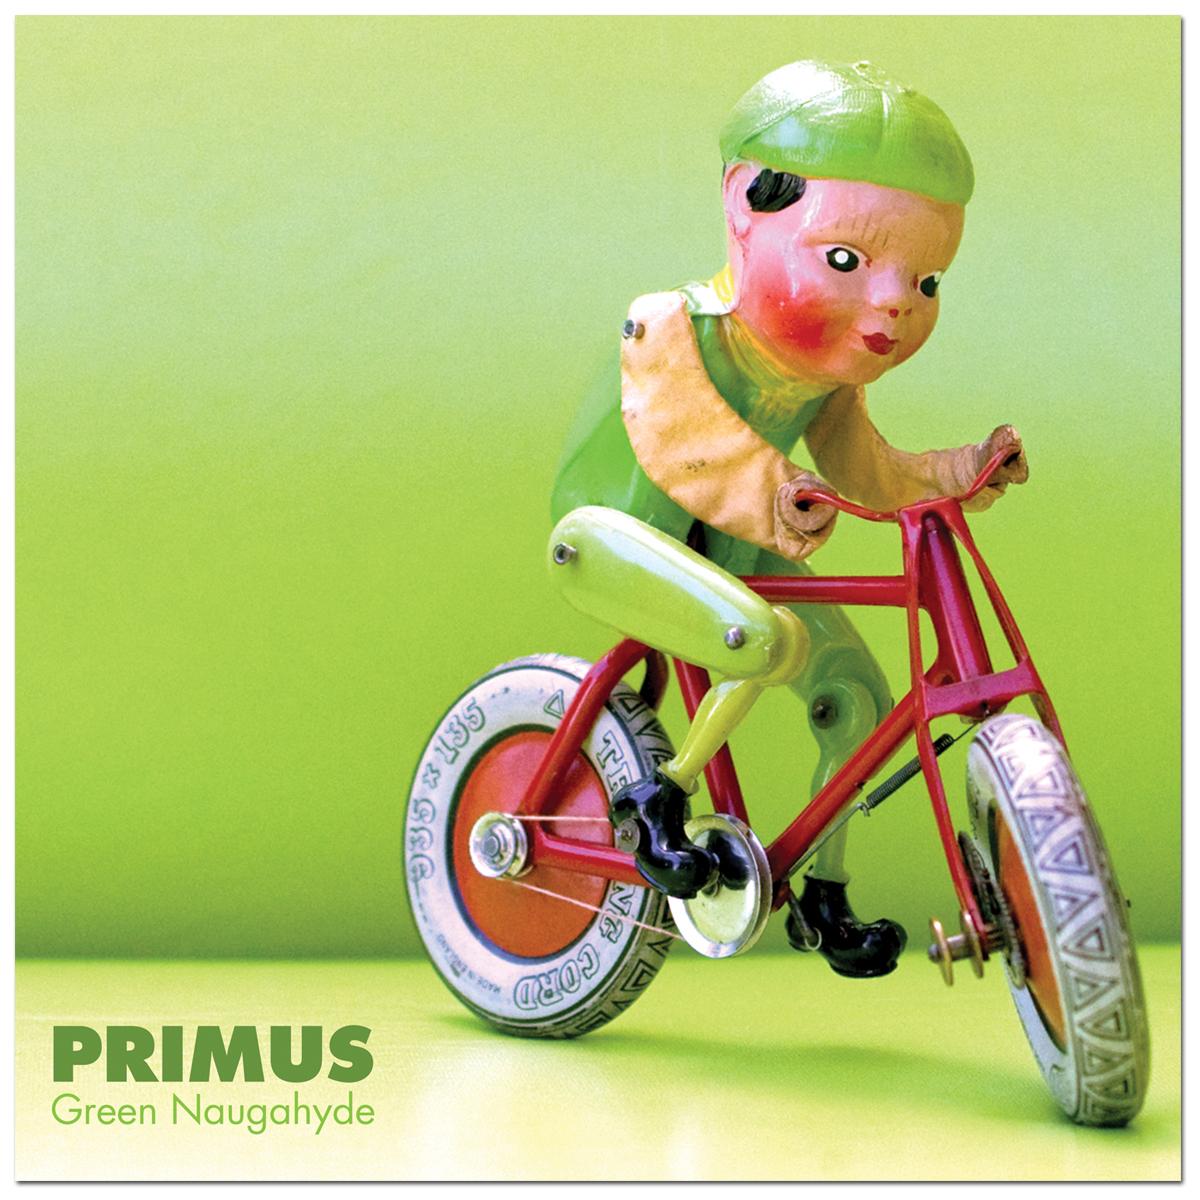 Primus – Green Naugahyde Digital Download